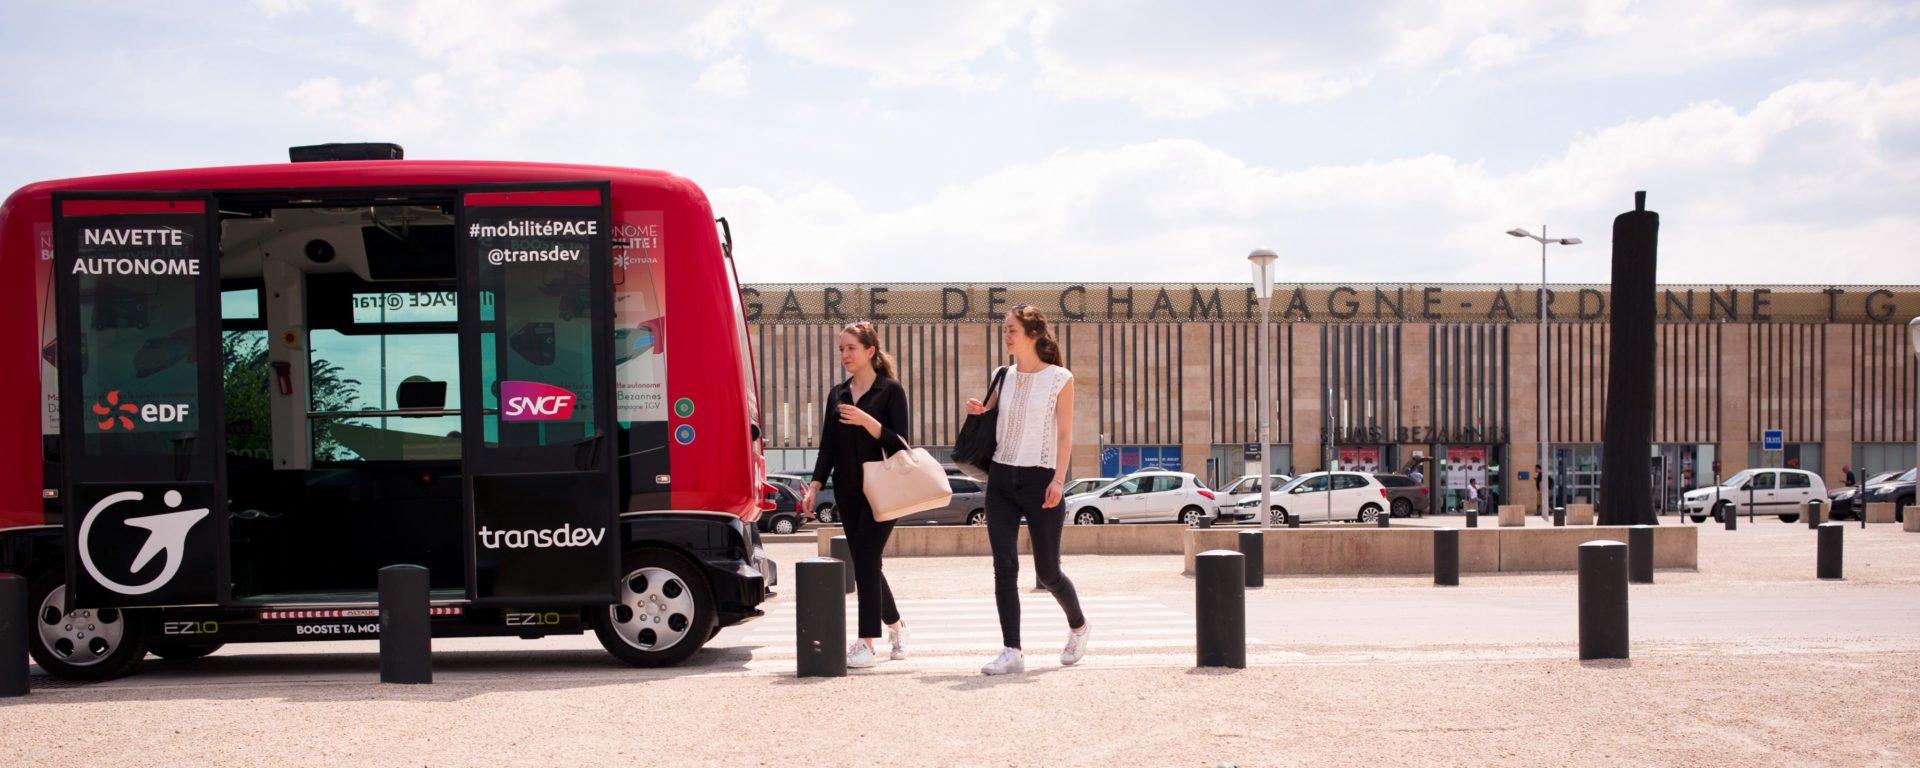 REPORTAGE TRAMWAY > NAVETTE AUTONOME - GARE TGV